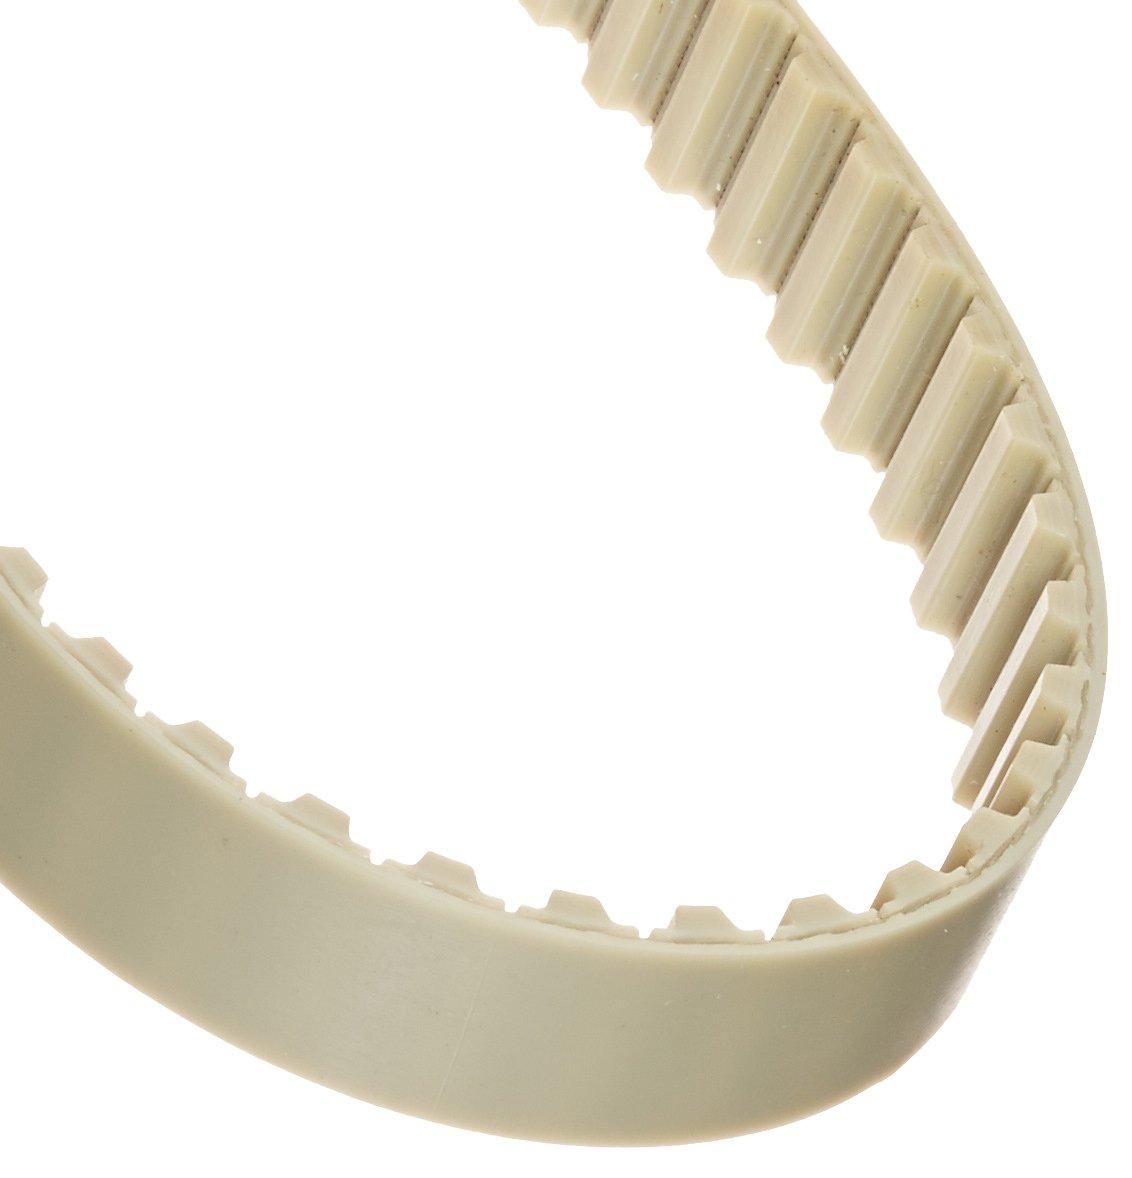 1460mm Pitch Length 20mm Width 146 Teeth Gates T10-1460-20 Synchro-Power Polyurethane Belt T10 Pitch